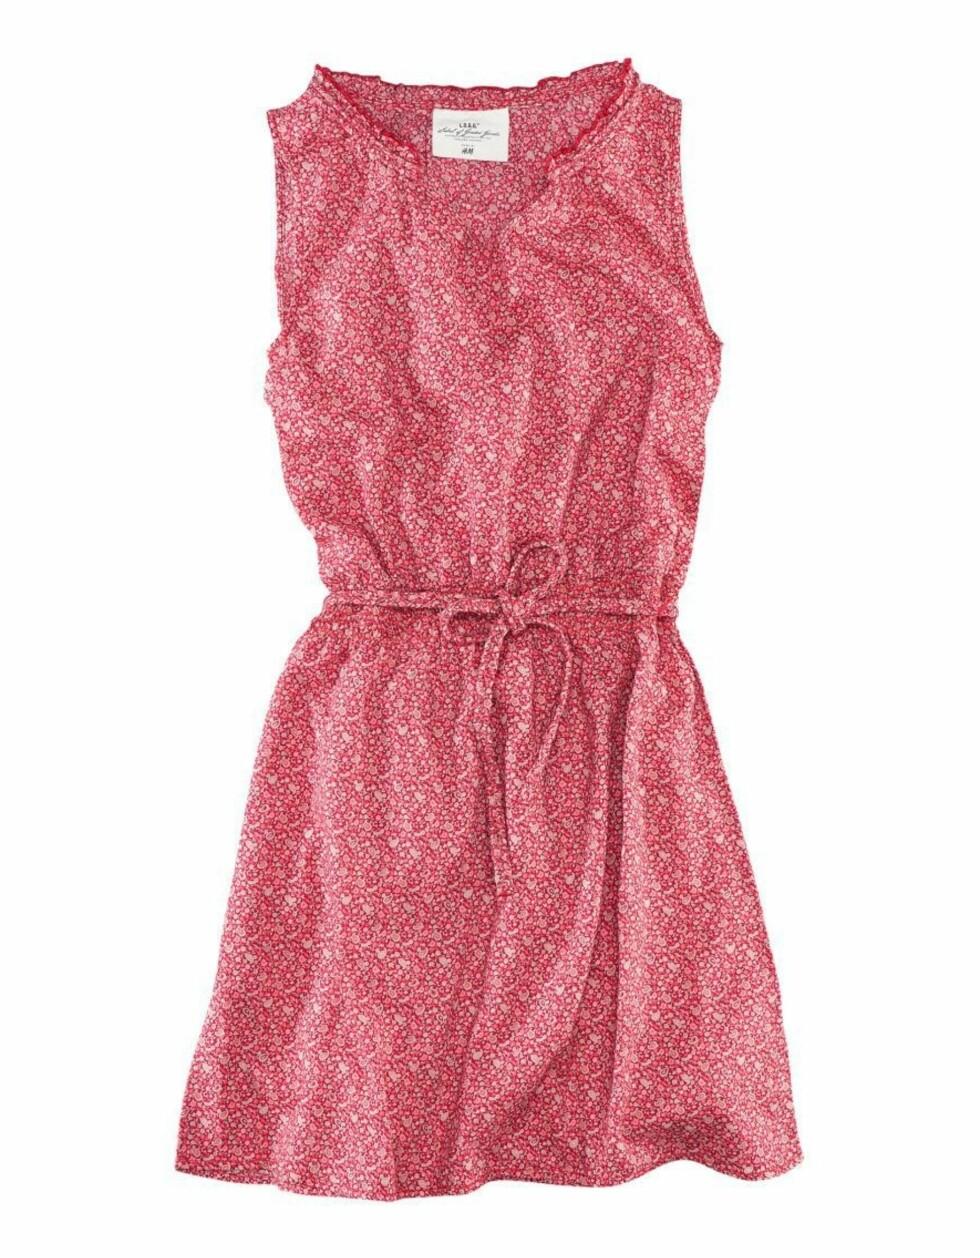 Enkel rosamønstret kjole (200 kroner, H&M).  Foto: Produsenten